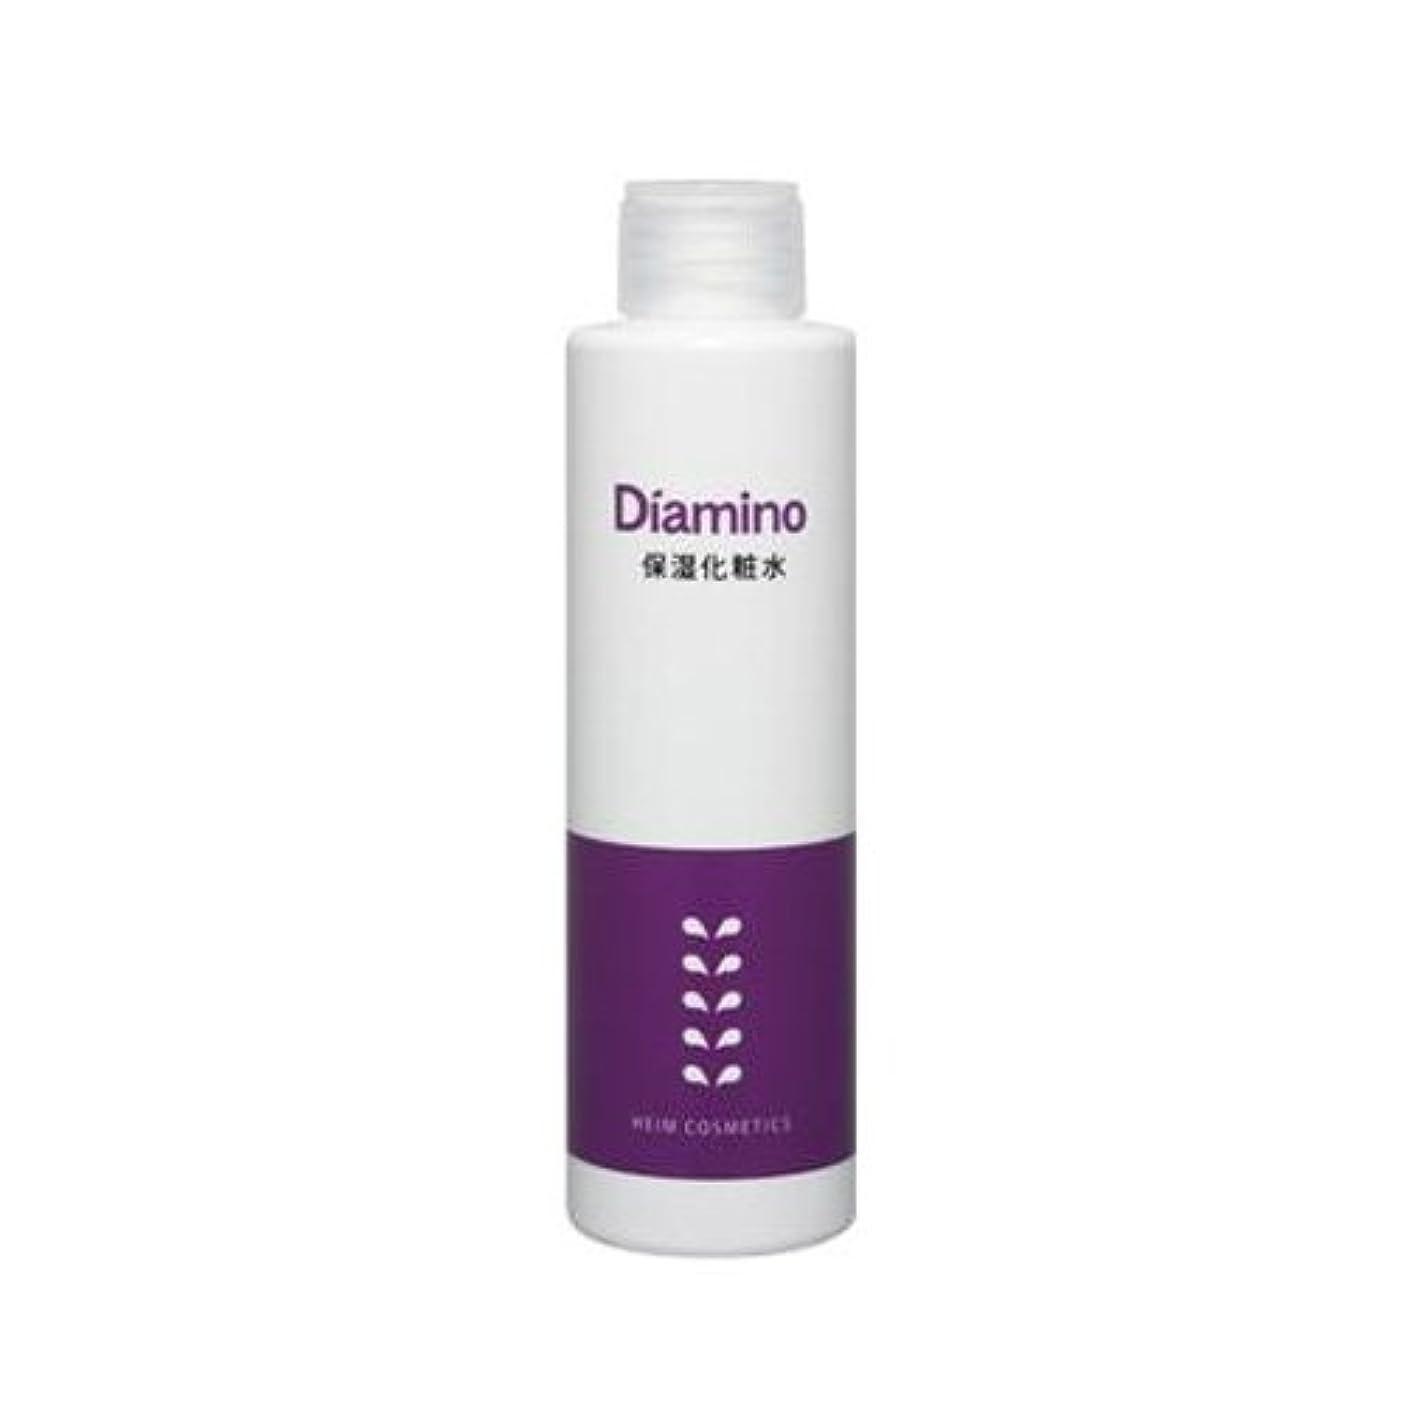 事実上銀行ワインハイム ディアミノ 保湿化粧水 150ml